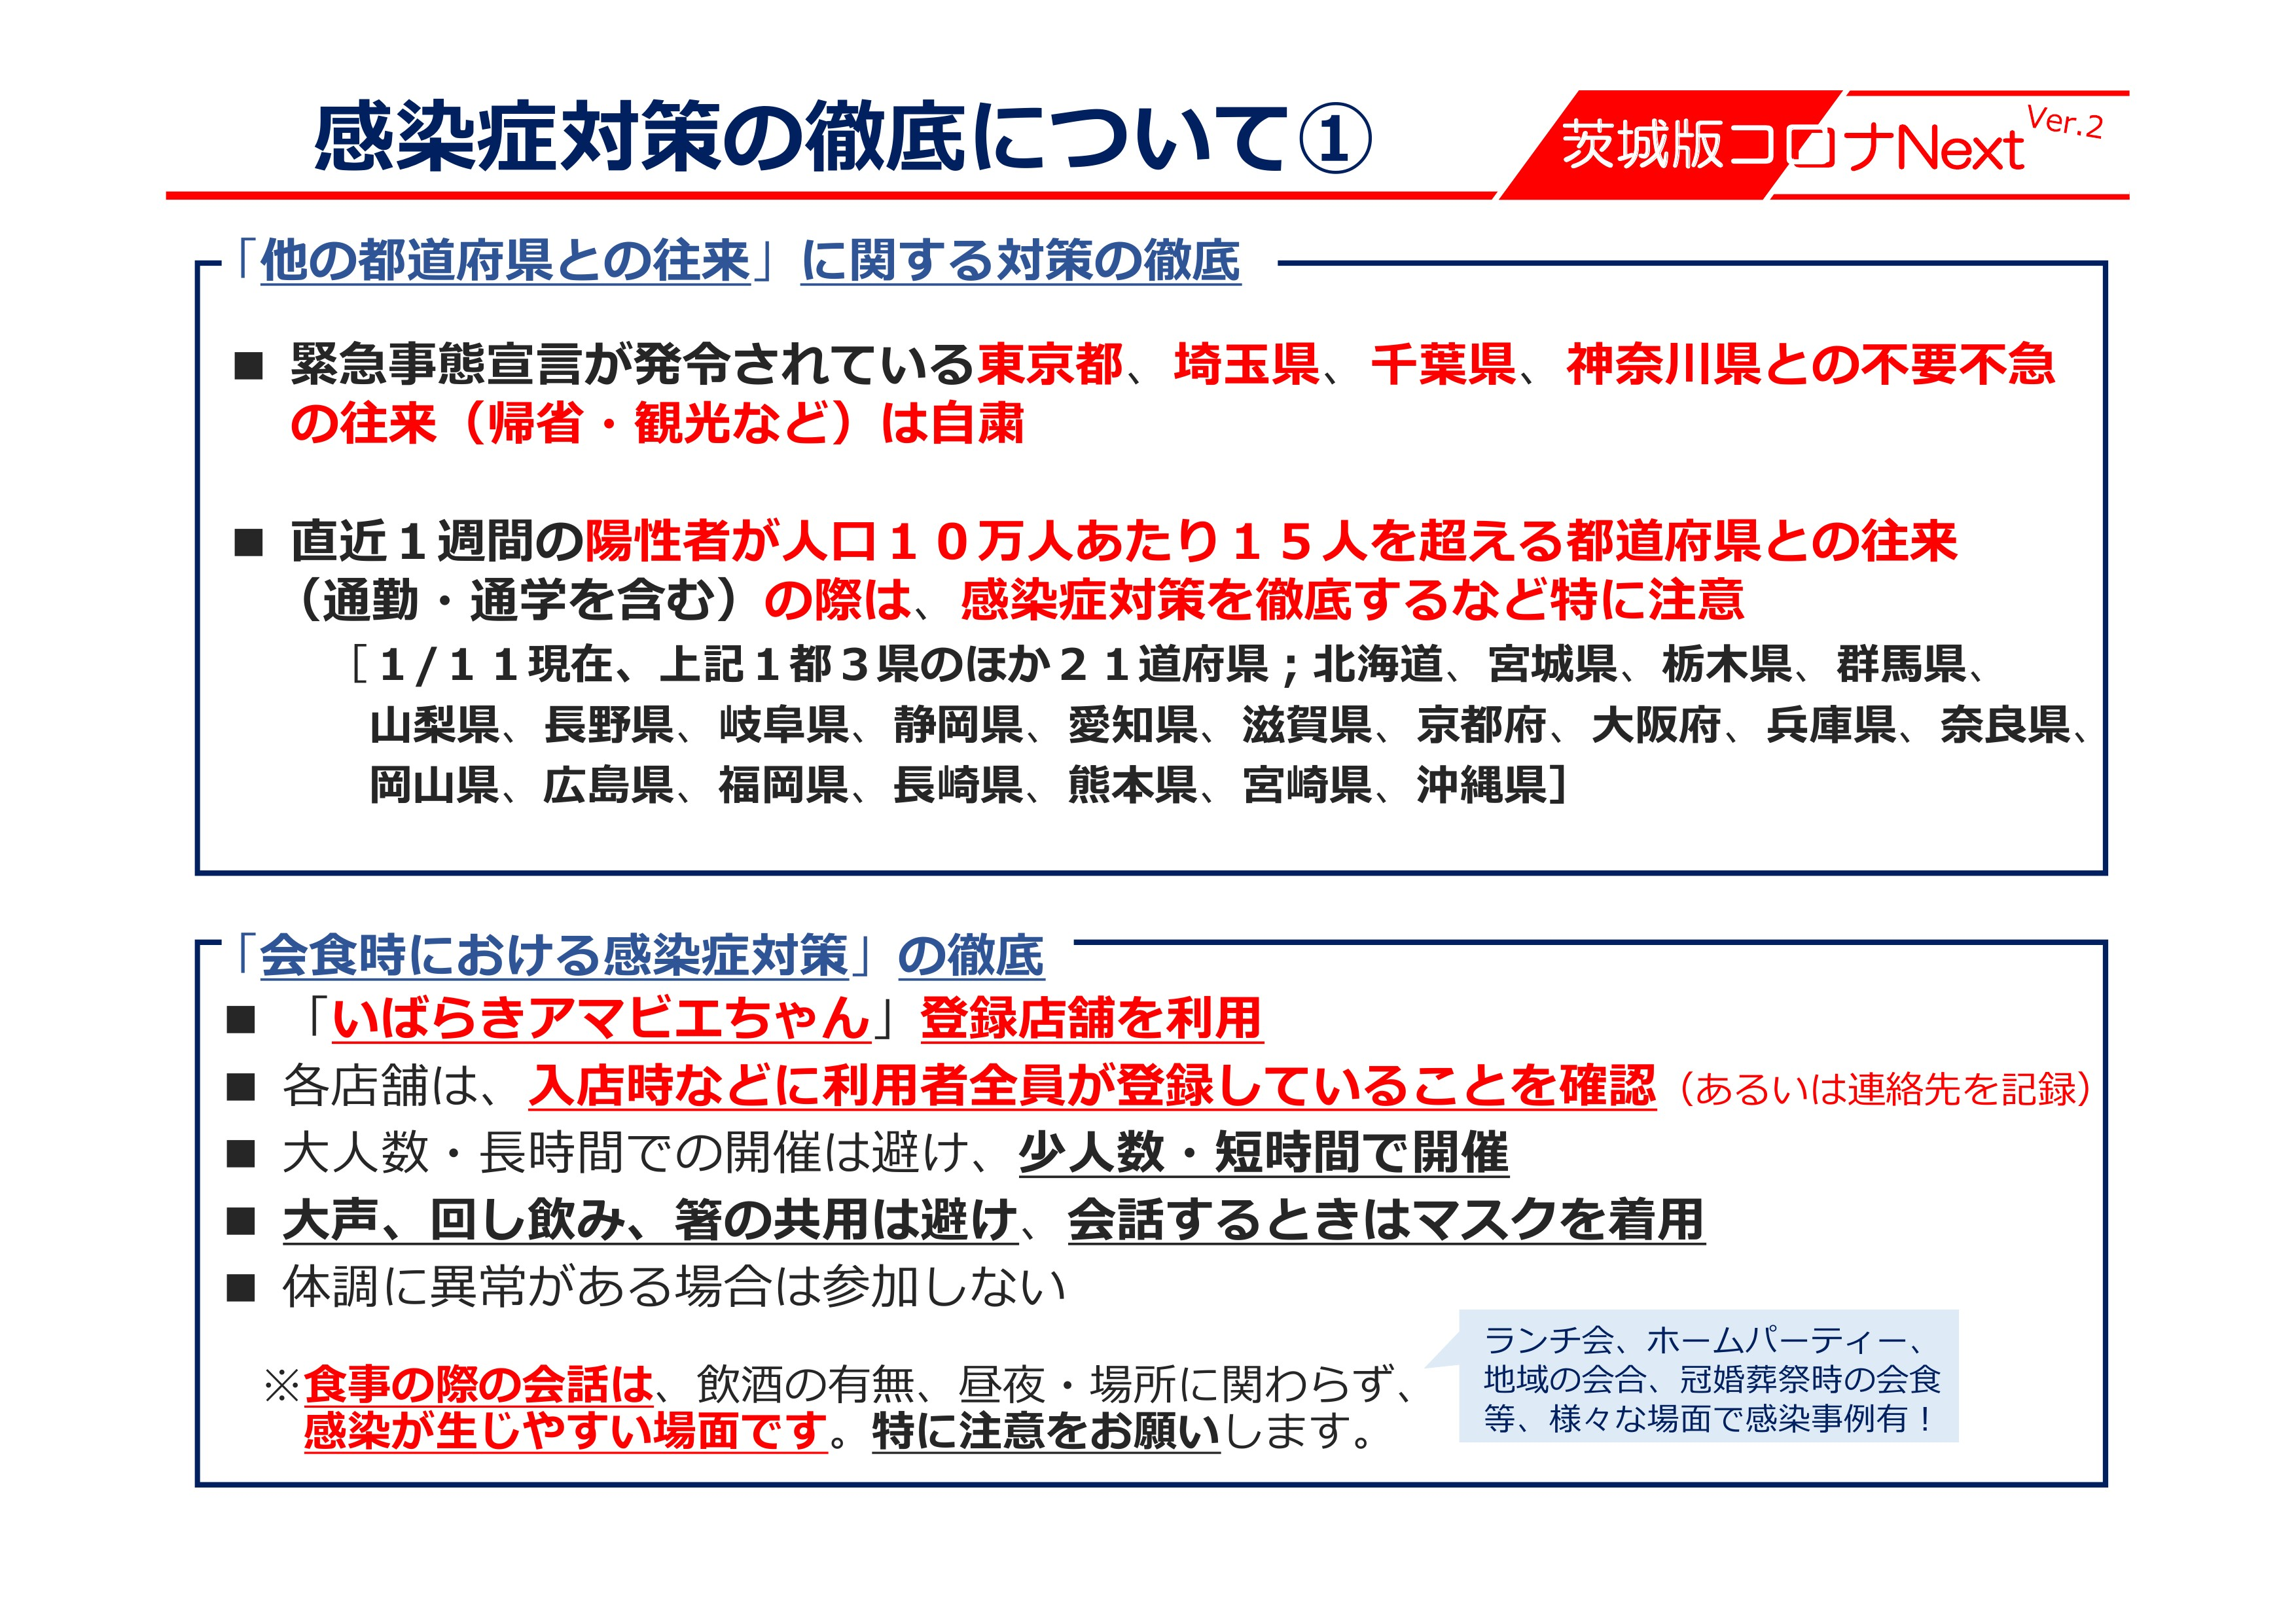 1月12日茨城県発表資料1